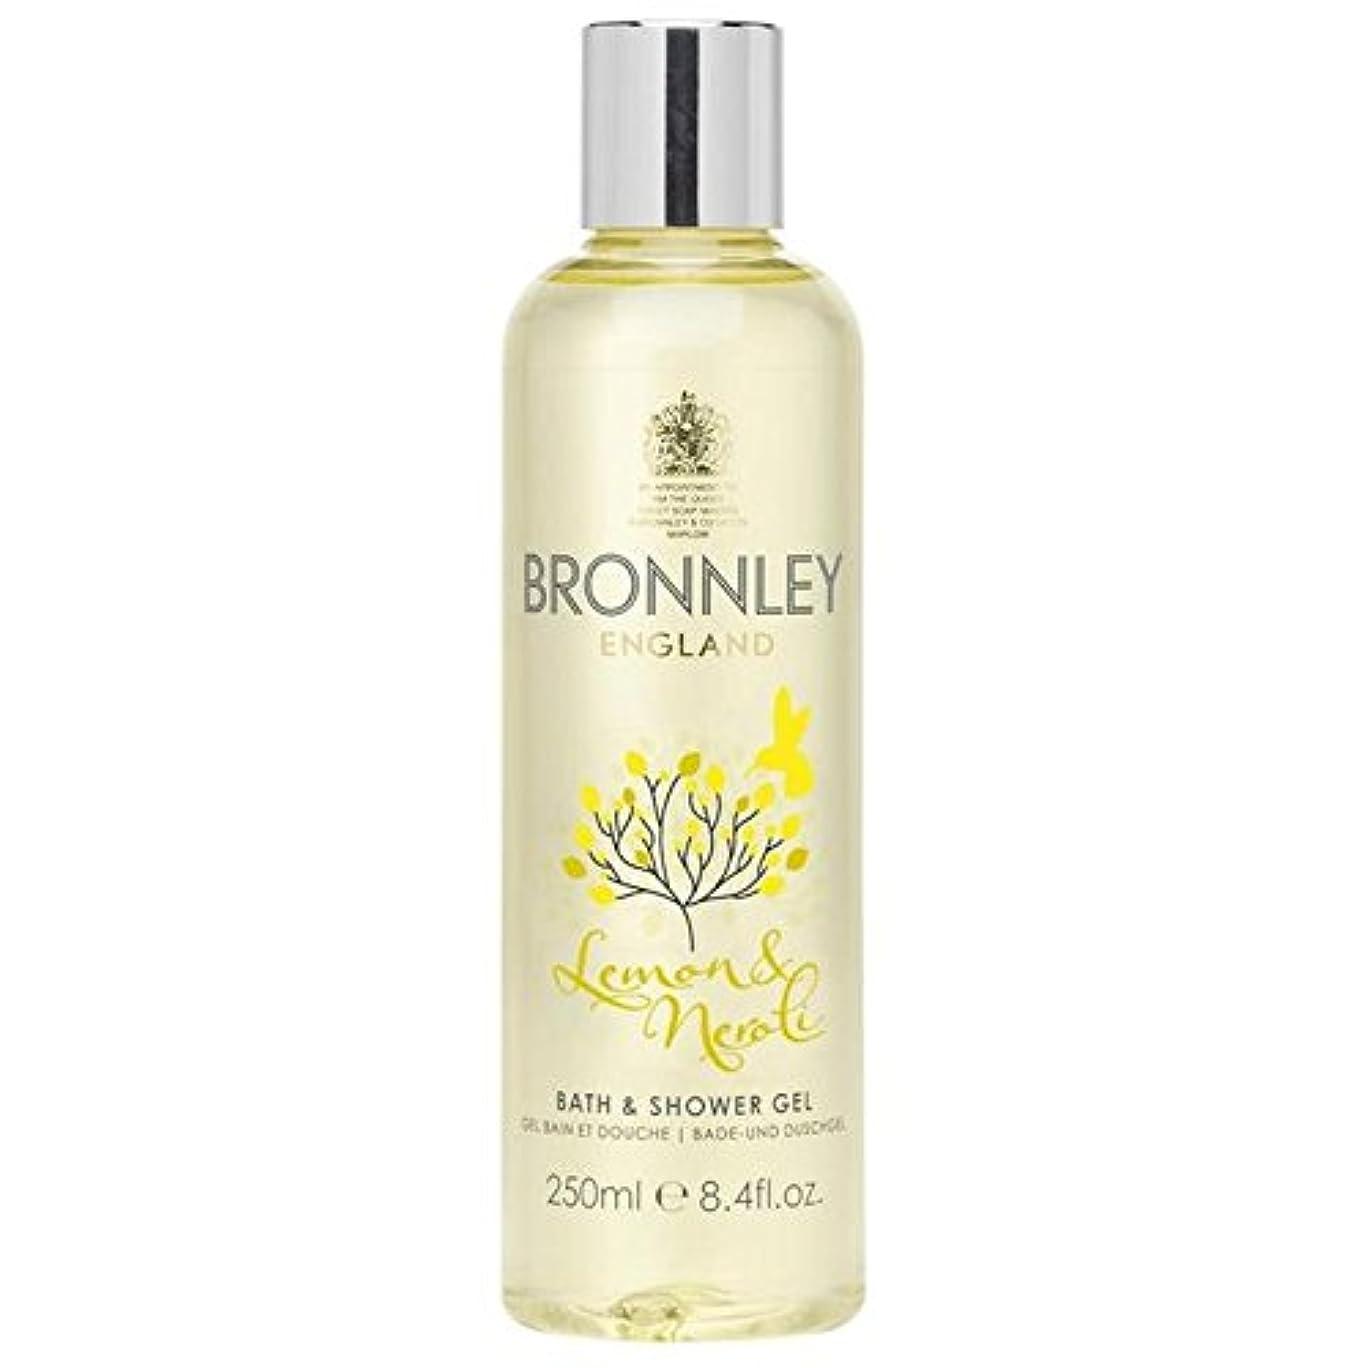 散逸痛い傾くレモン&ネロリバス&シャワージェル250ミリリットル x4 - Bronnley Lemon & Neroli Bath & Shower Gel 250ml (Pack of 4) [並行輸入品]